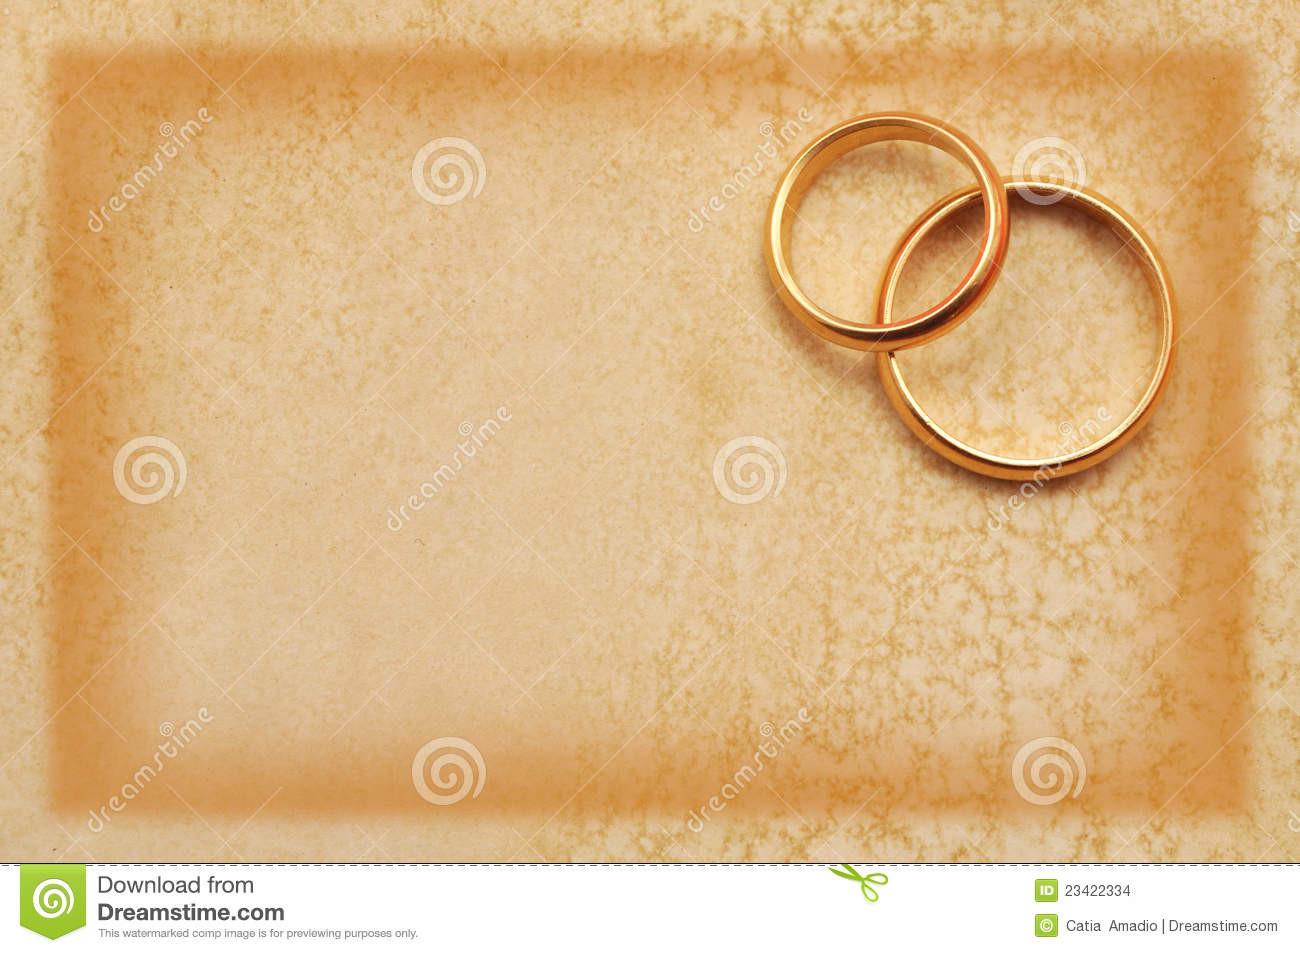 Hochzeit Wünsche Karte  Hochzeit grunge Karte stockfoto Bild von ringe karte